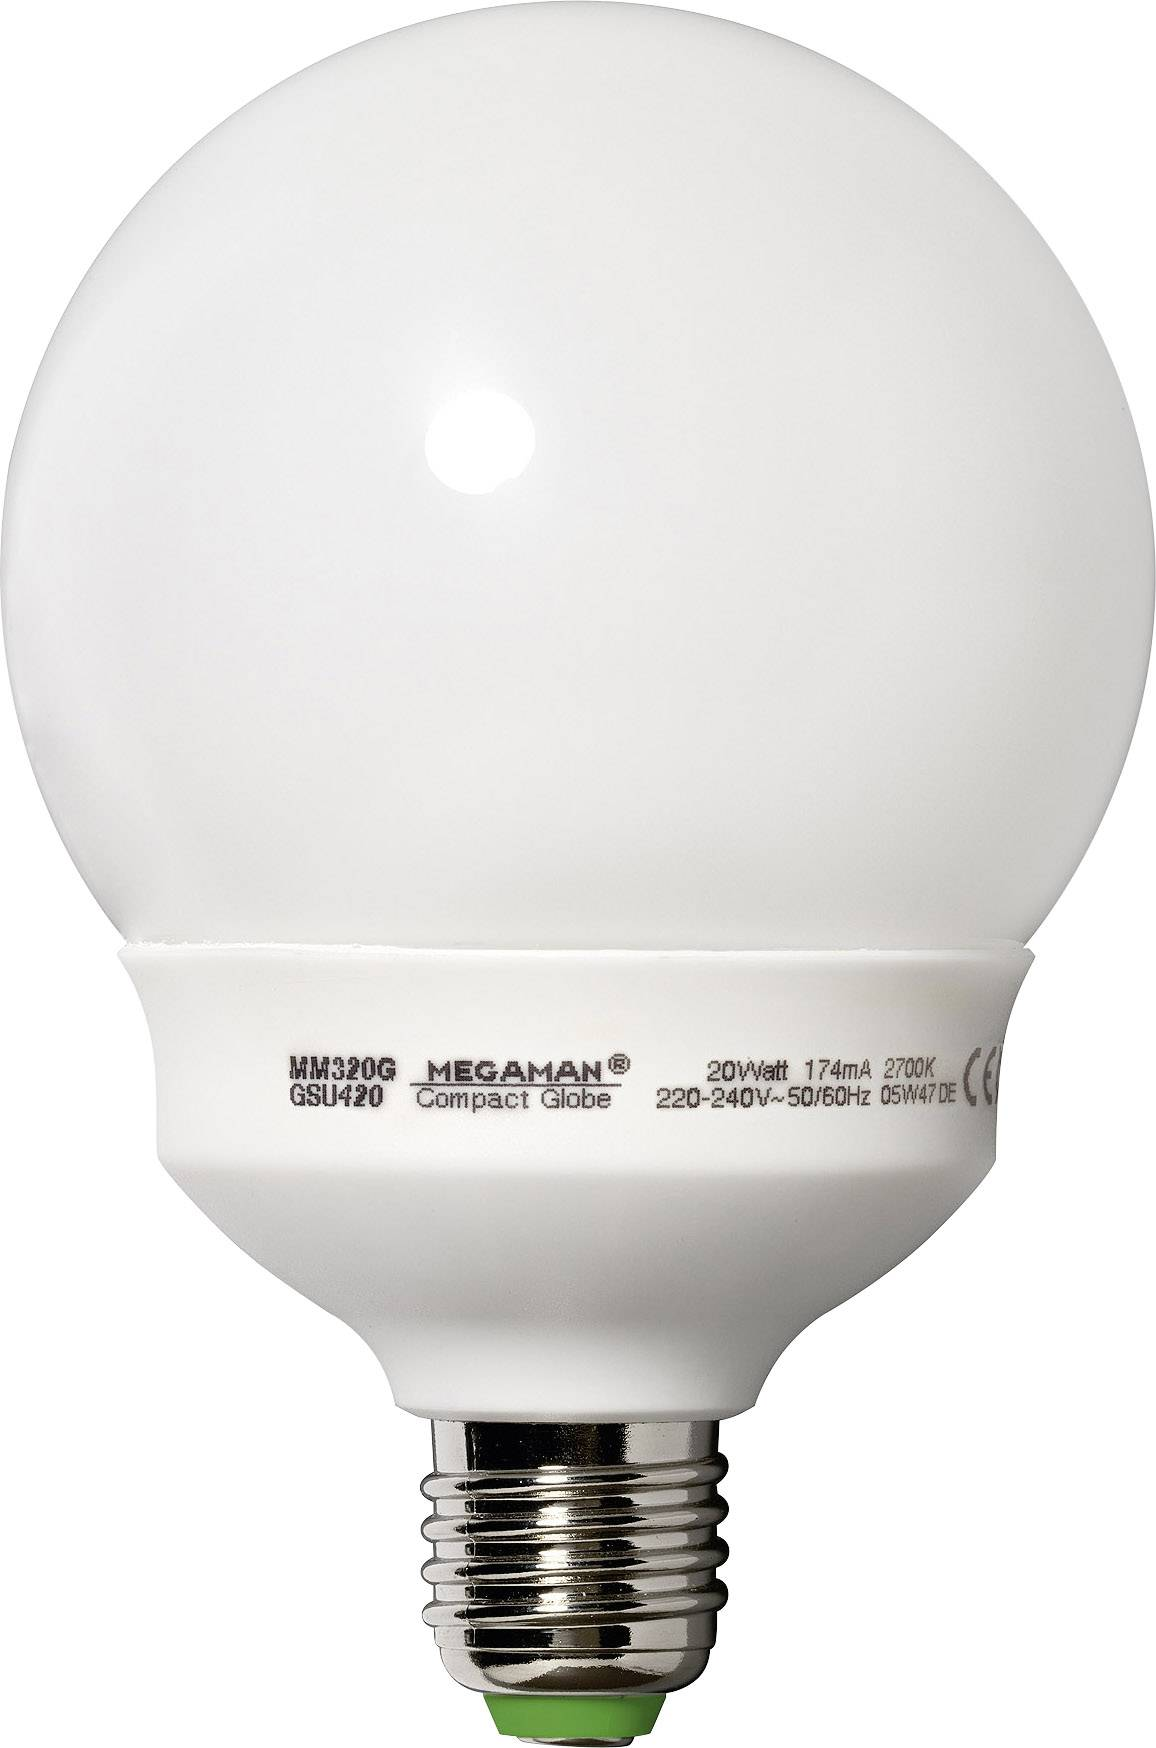 Úsporná žiarovka guľatá Megaman Compact Globe E27, 20 W, teplá biela